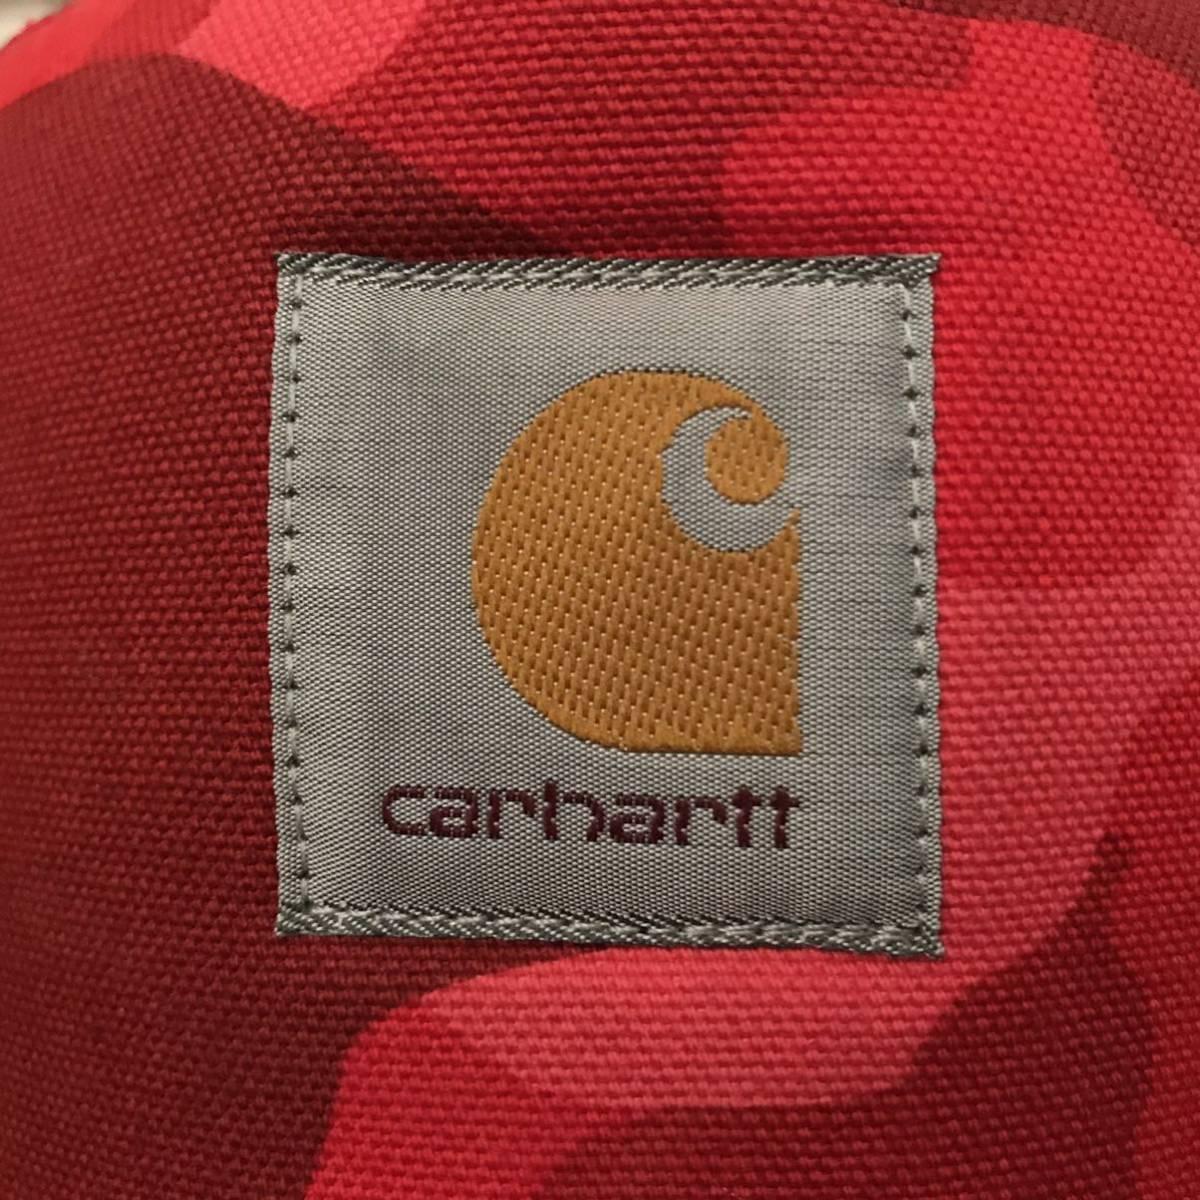 ★美品★ carhartt × bape スナップバック キャップ カーハート a bathing ape エイプ ベイプ cap 帽子 trucker hat red camo レッドカモ